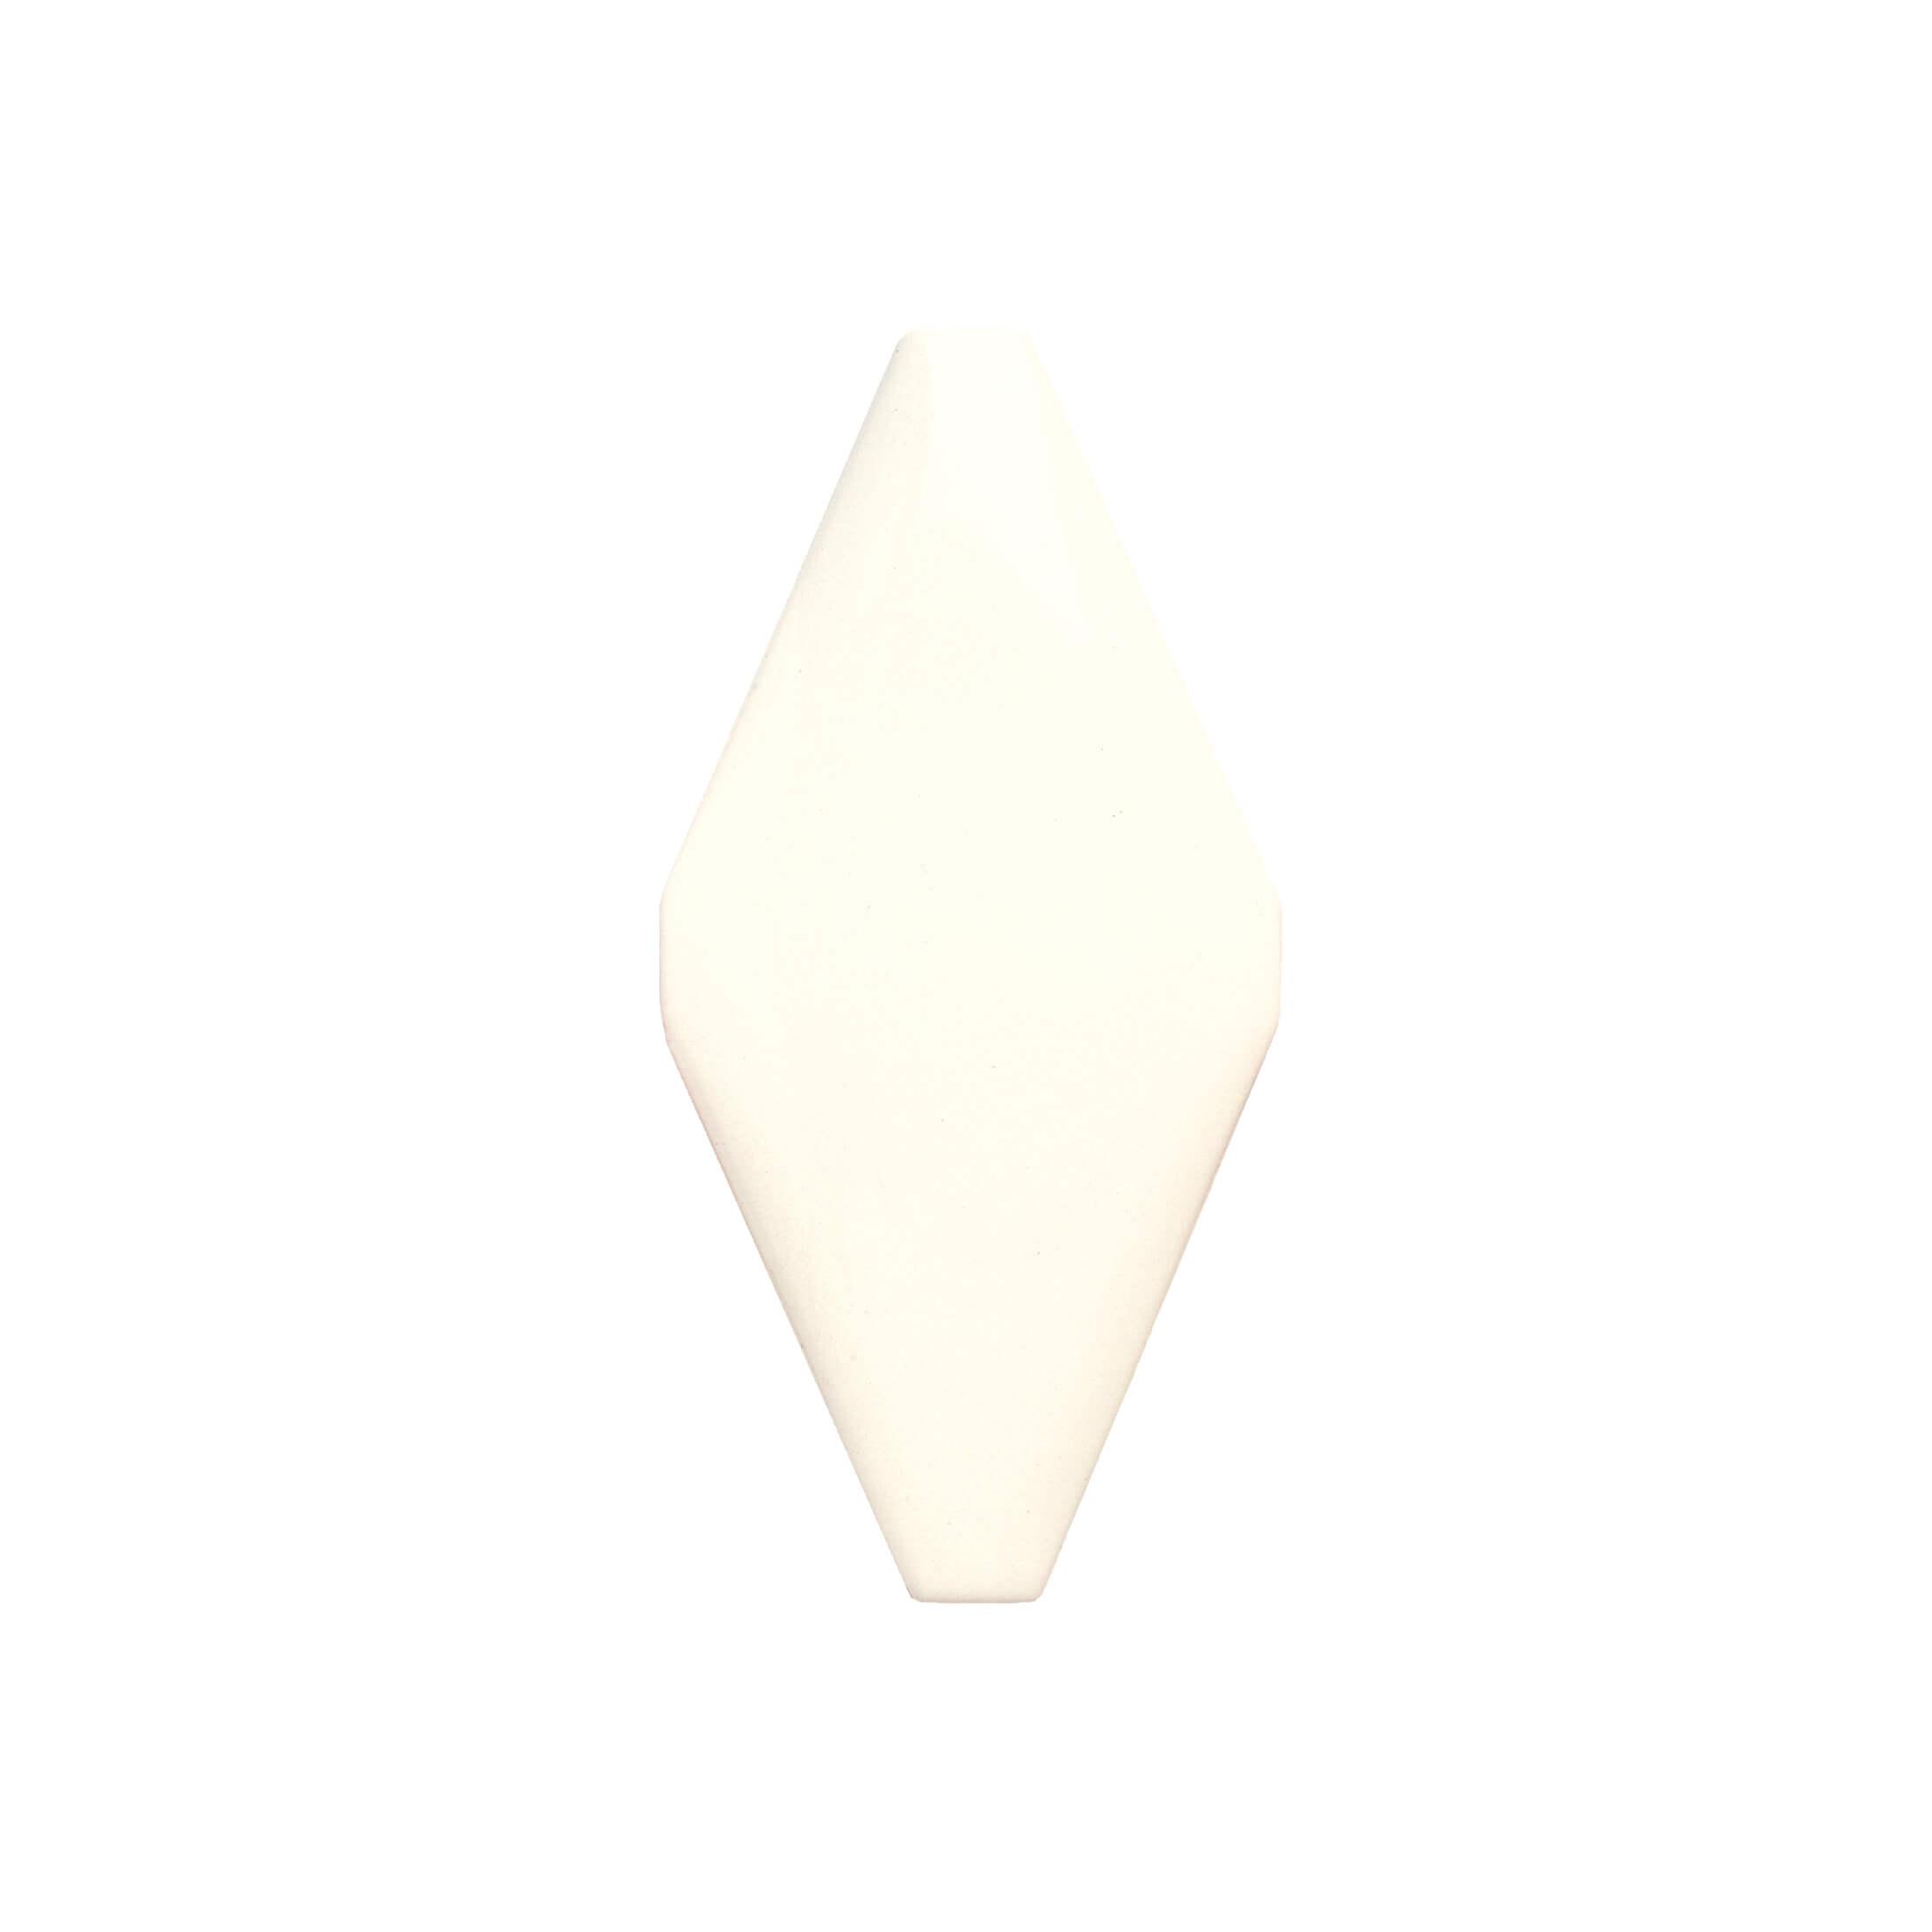 ADNE8007 - ROMBO ACOLCHADO BISCUIT - 10 cm X 20 cm